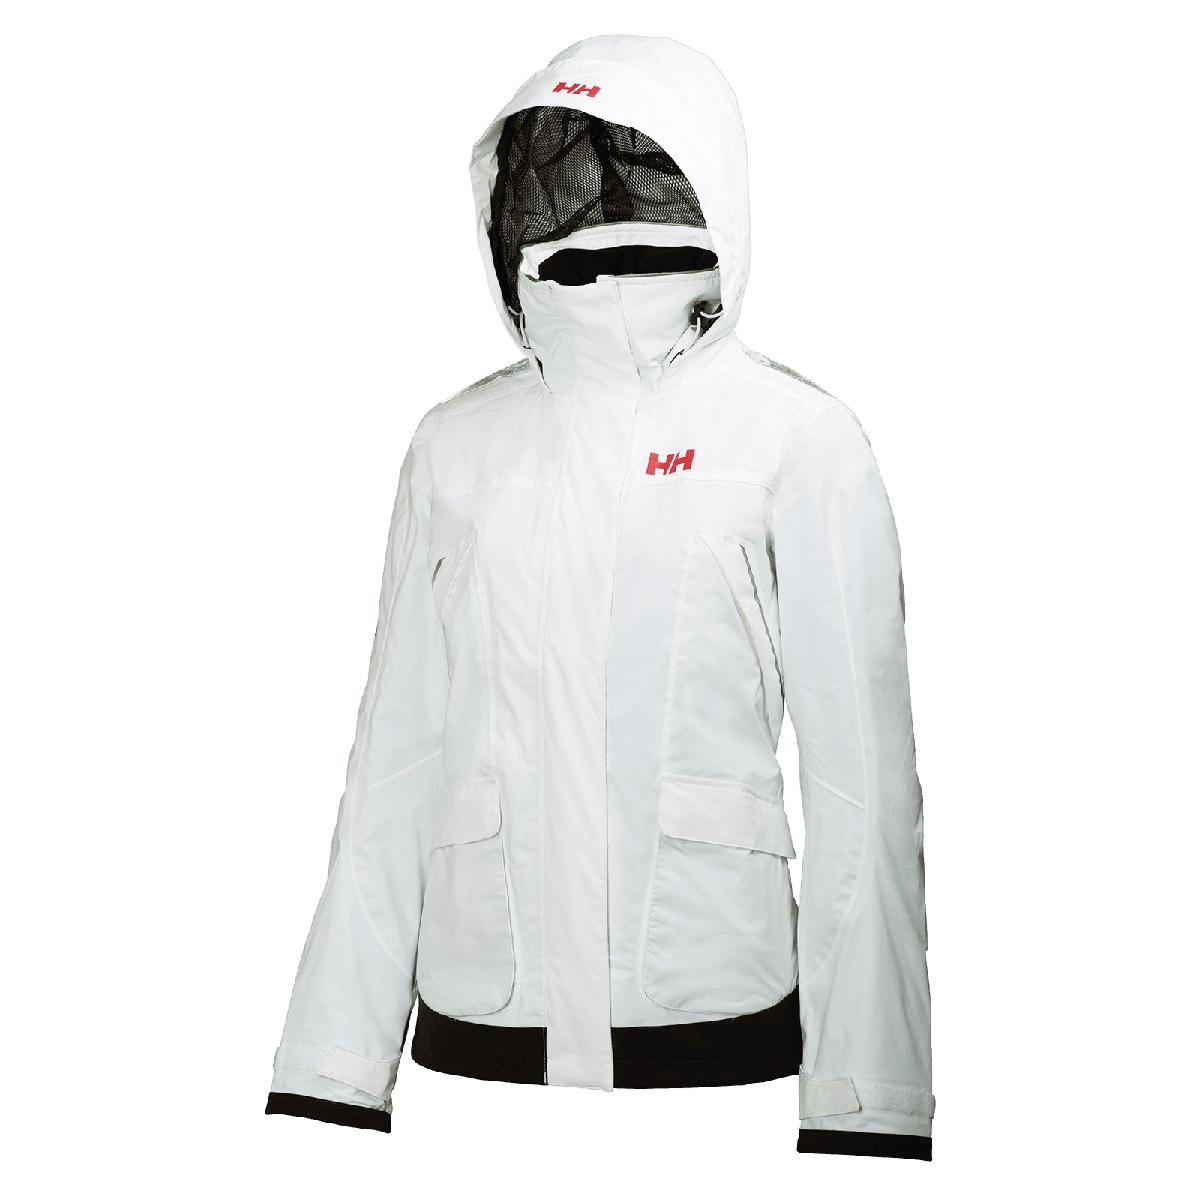 Yhdistynyt kuningaskunta viralliset kuvat myynti Yhdysvalloissa verkossa Helly Hansen Pier Jacket (Women's) - White